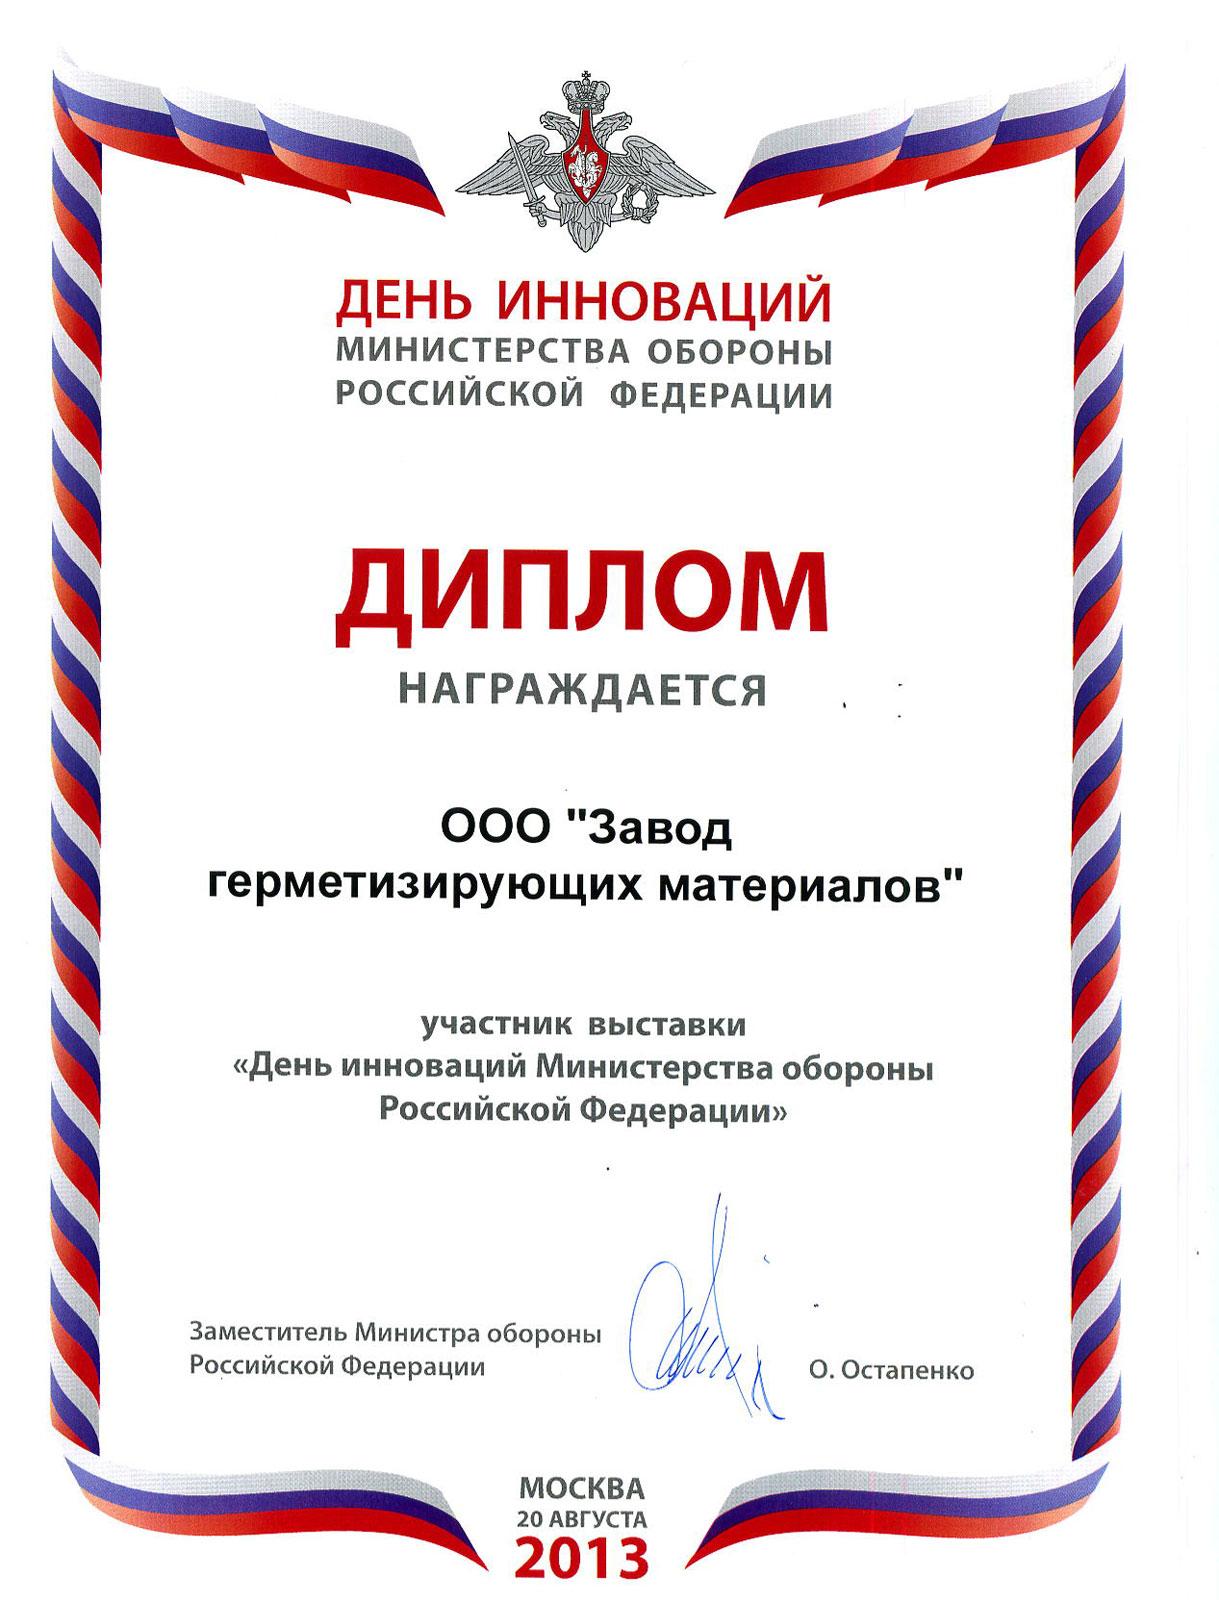 Диплом за участие в выставке День инноваций Министерства обороны  Диплом за участие в выставке День инноваций Министерства обороны РФ